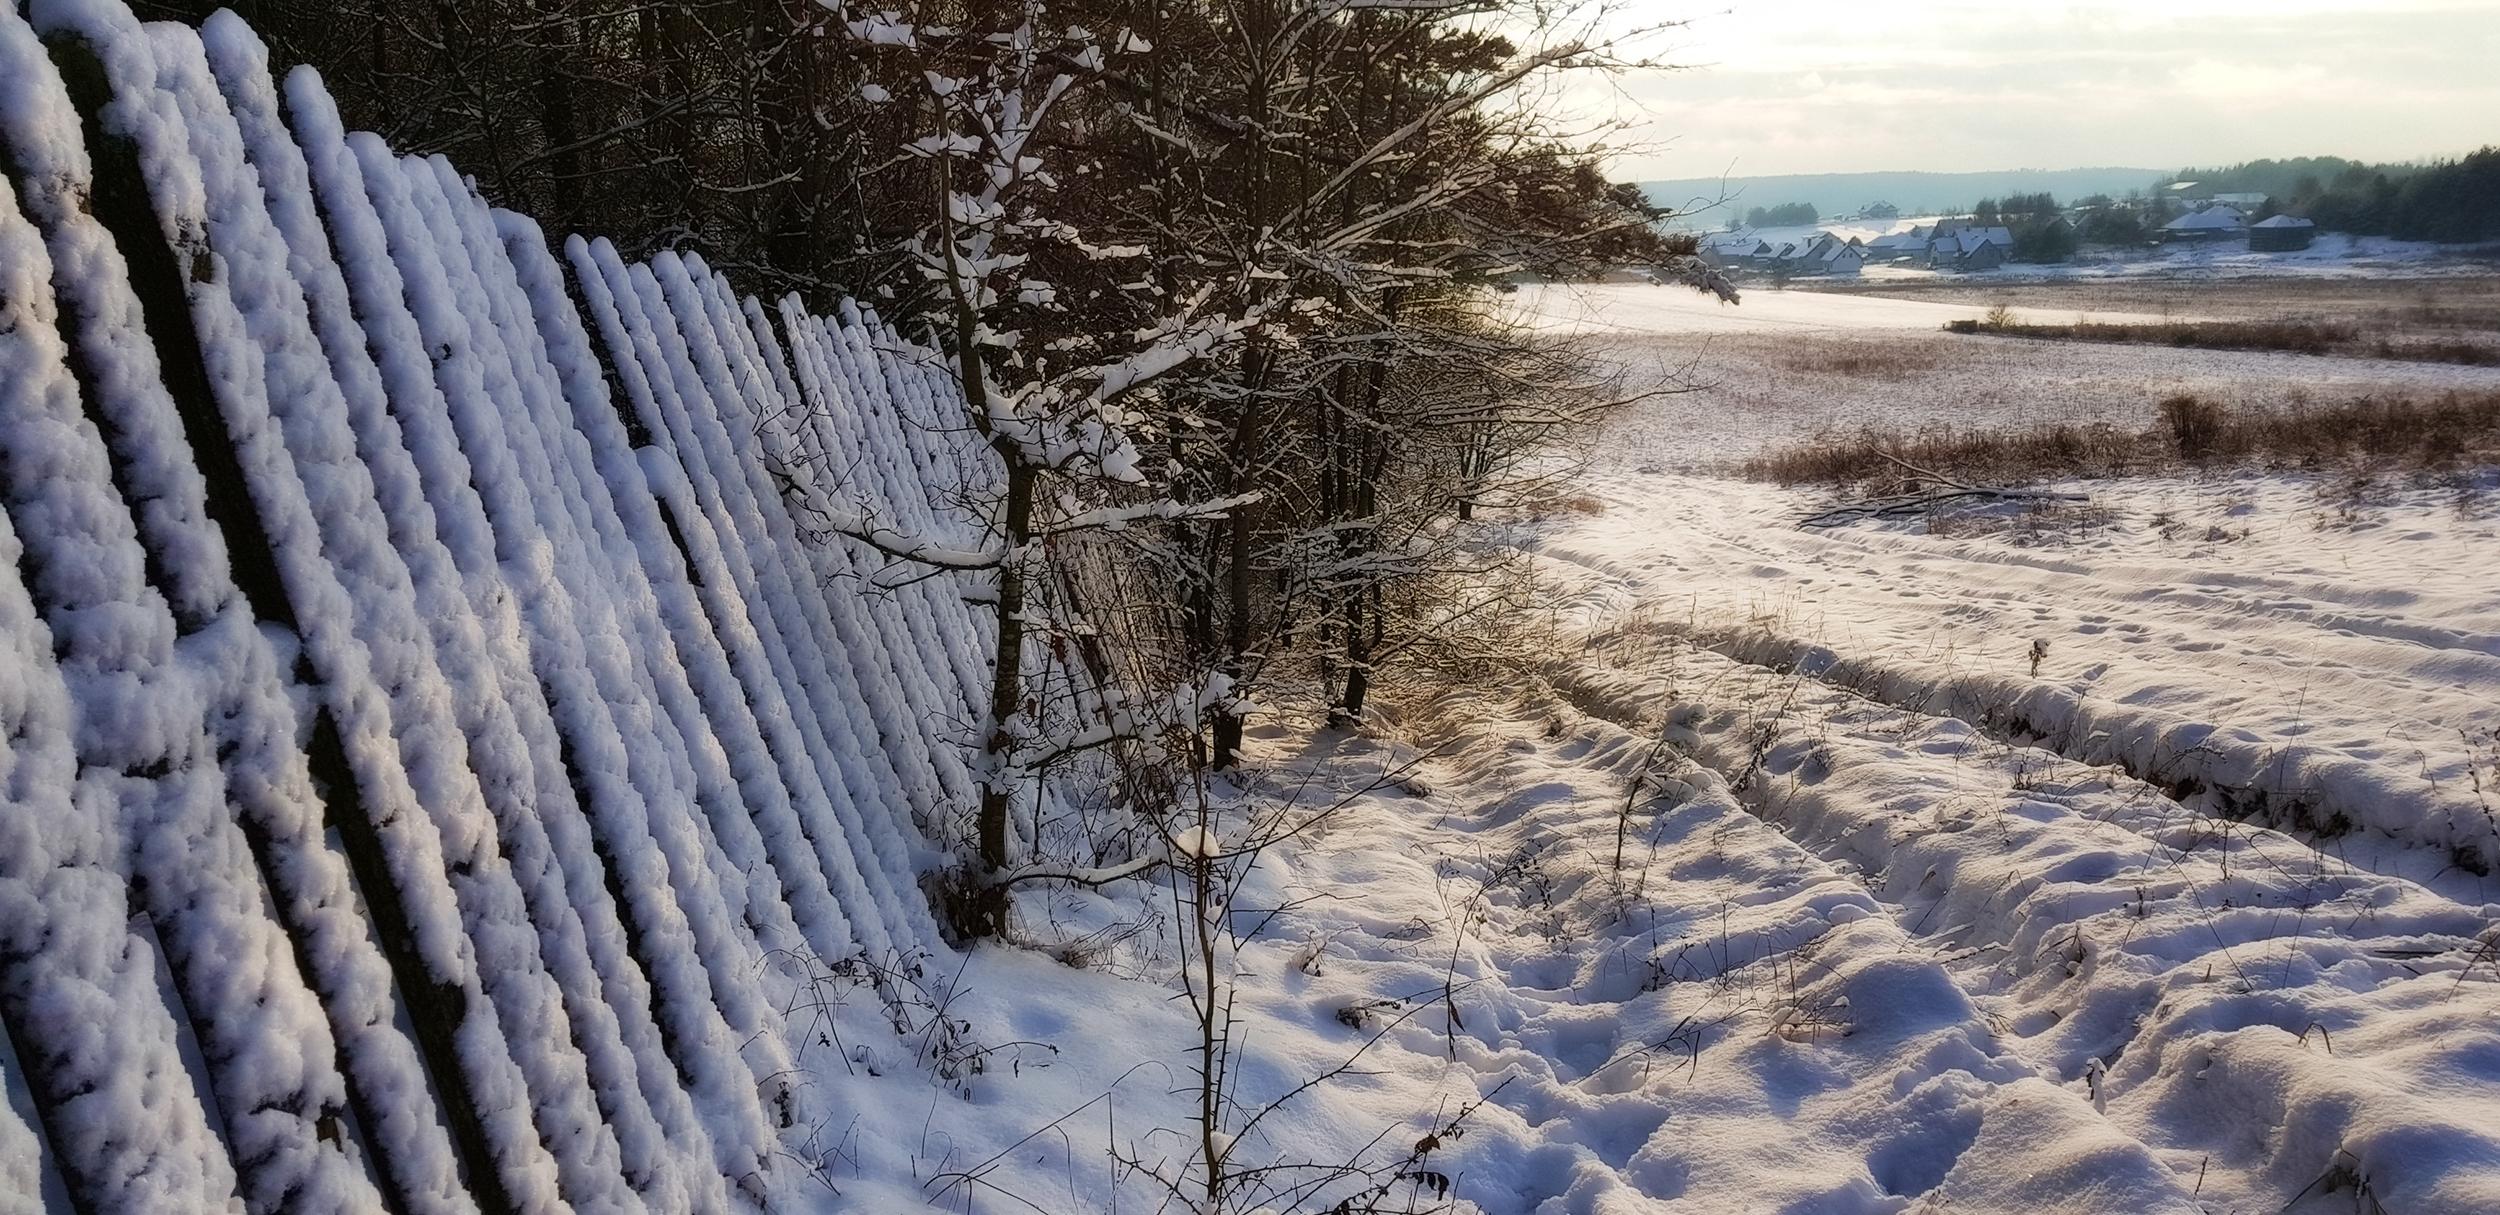 zimoy_krajobraz_fx_web